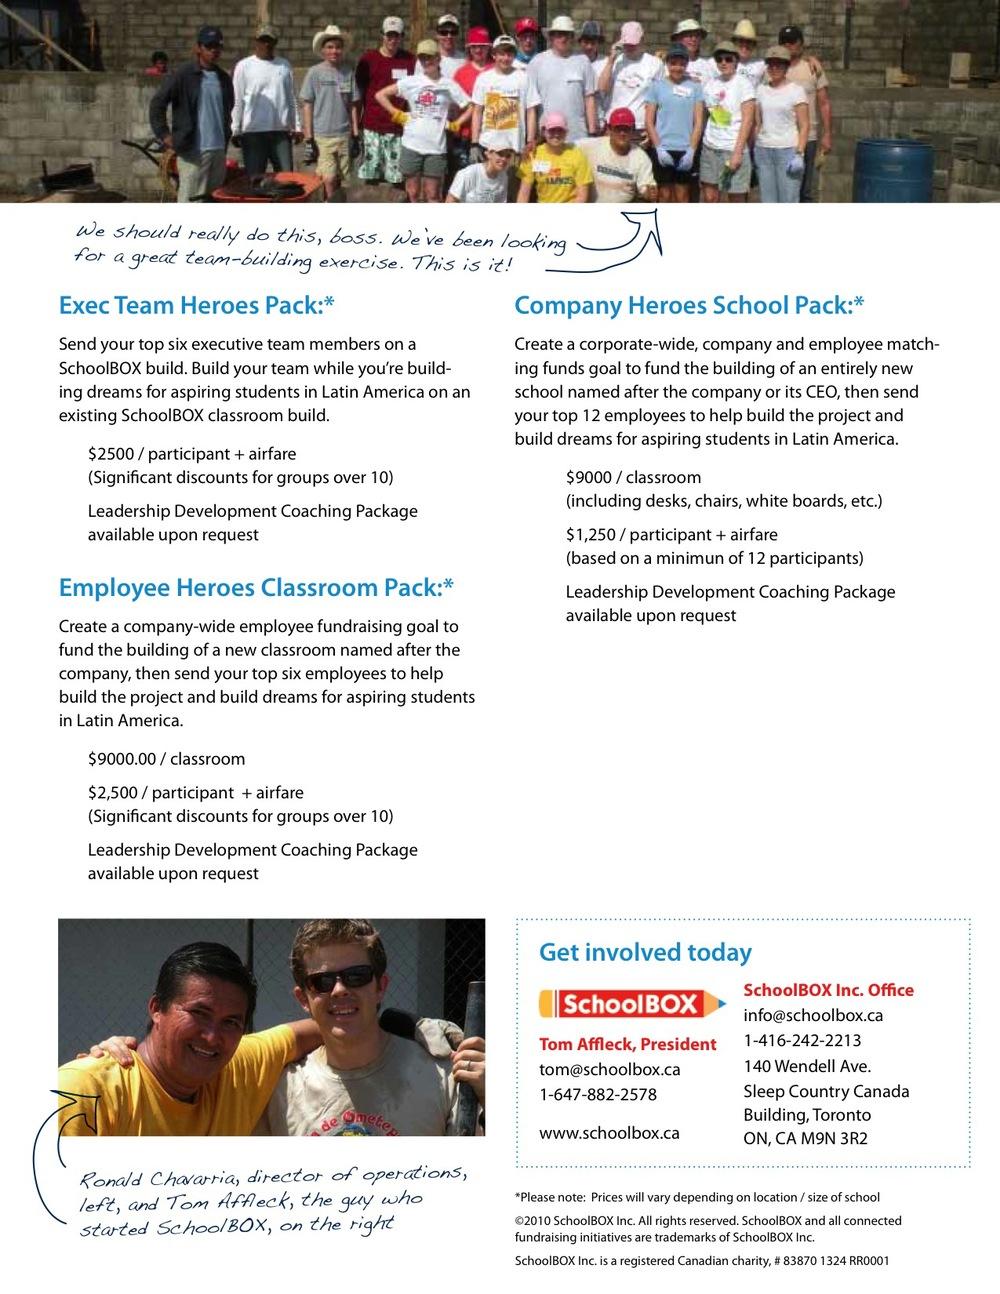 SchoolBOX_CorporateHeroes_VIEW-page2.jpg